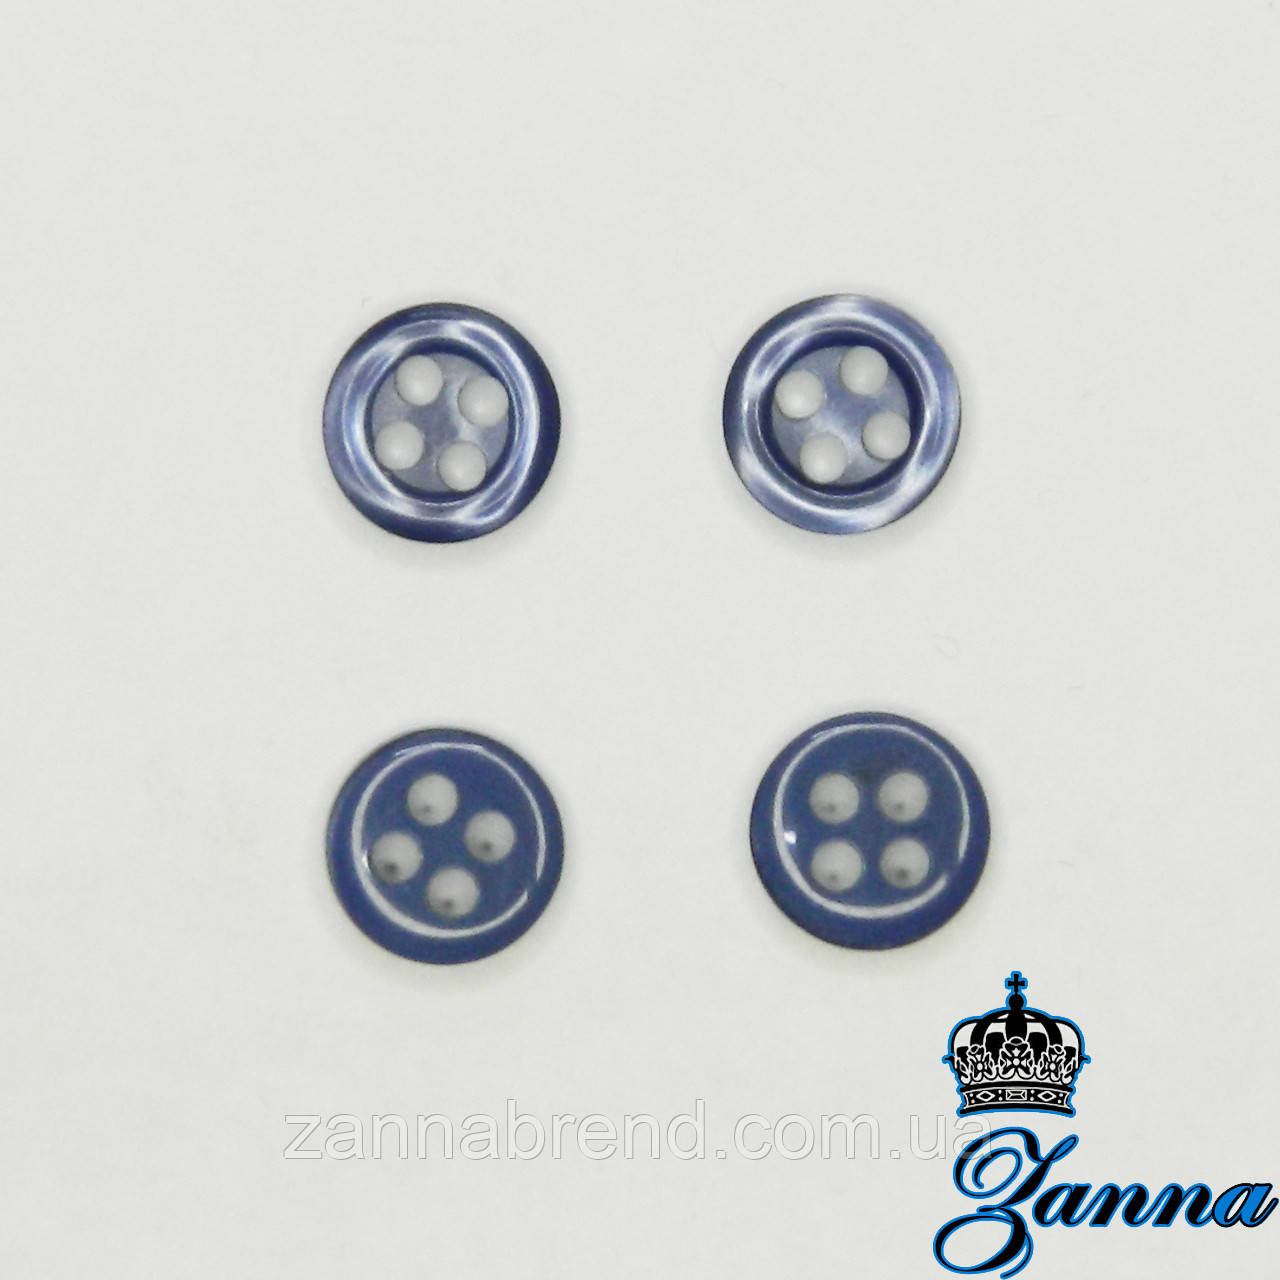 Пуговица (декор) пластиковая (14) синяя 10 шт